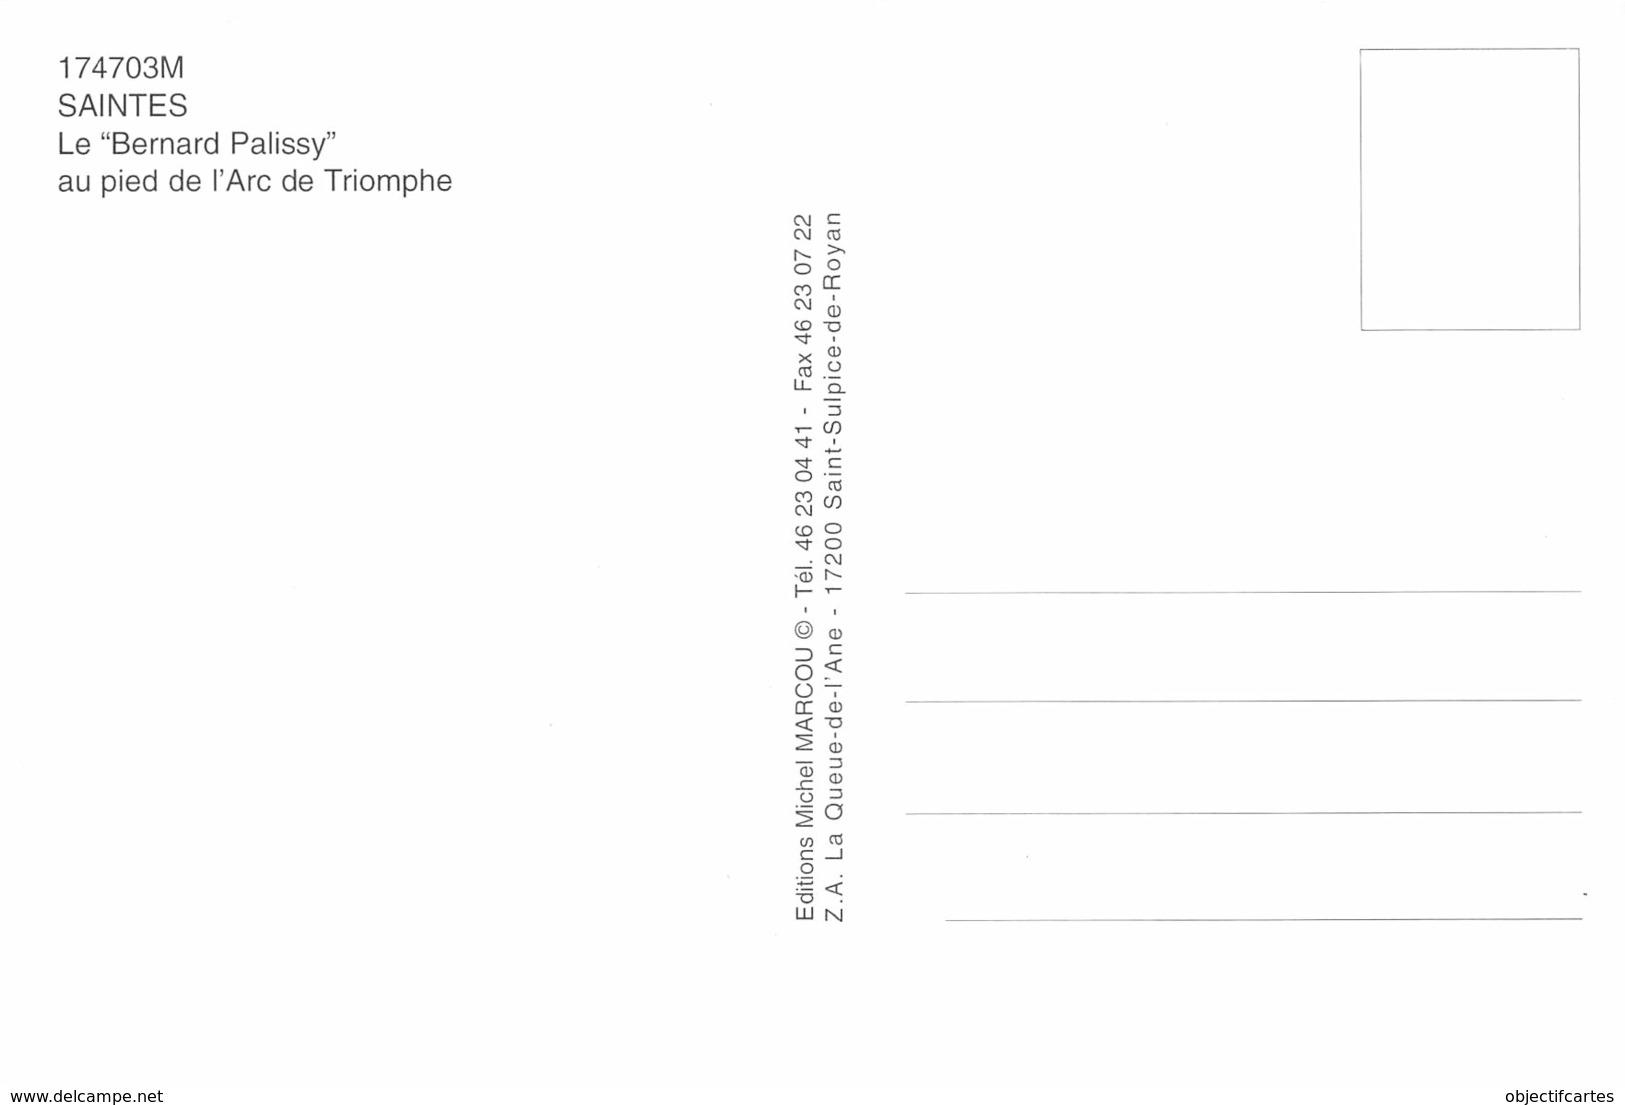 SAINTES  Le Bernard Palissy Au Pied De L'arc De Triomphe  17 (scan Recto Verso)MG2839 - Saintes